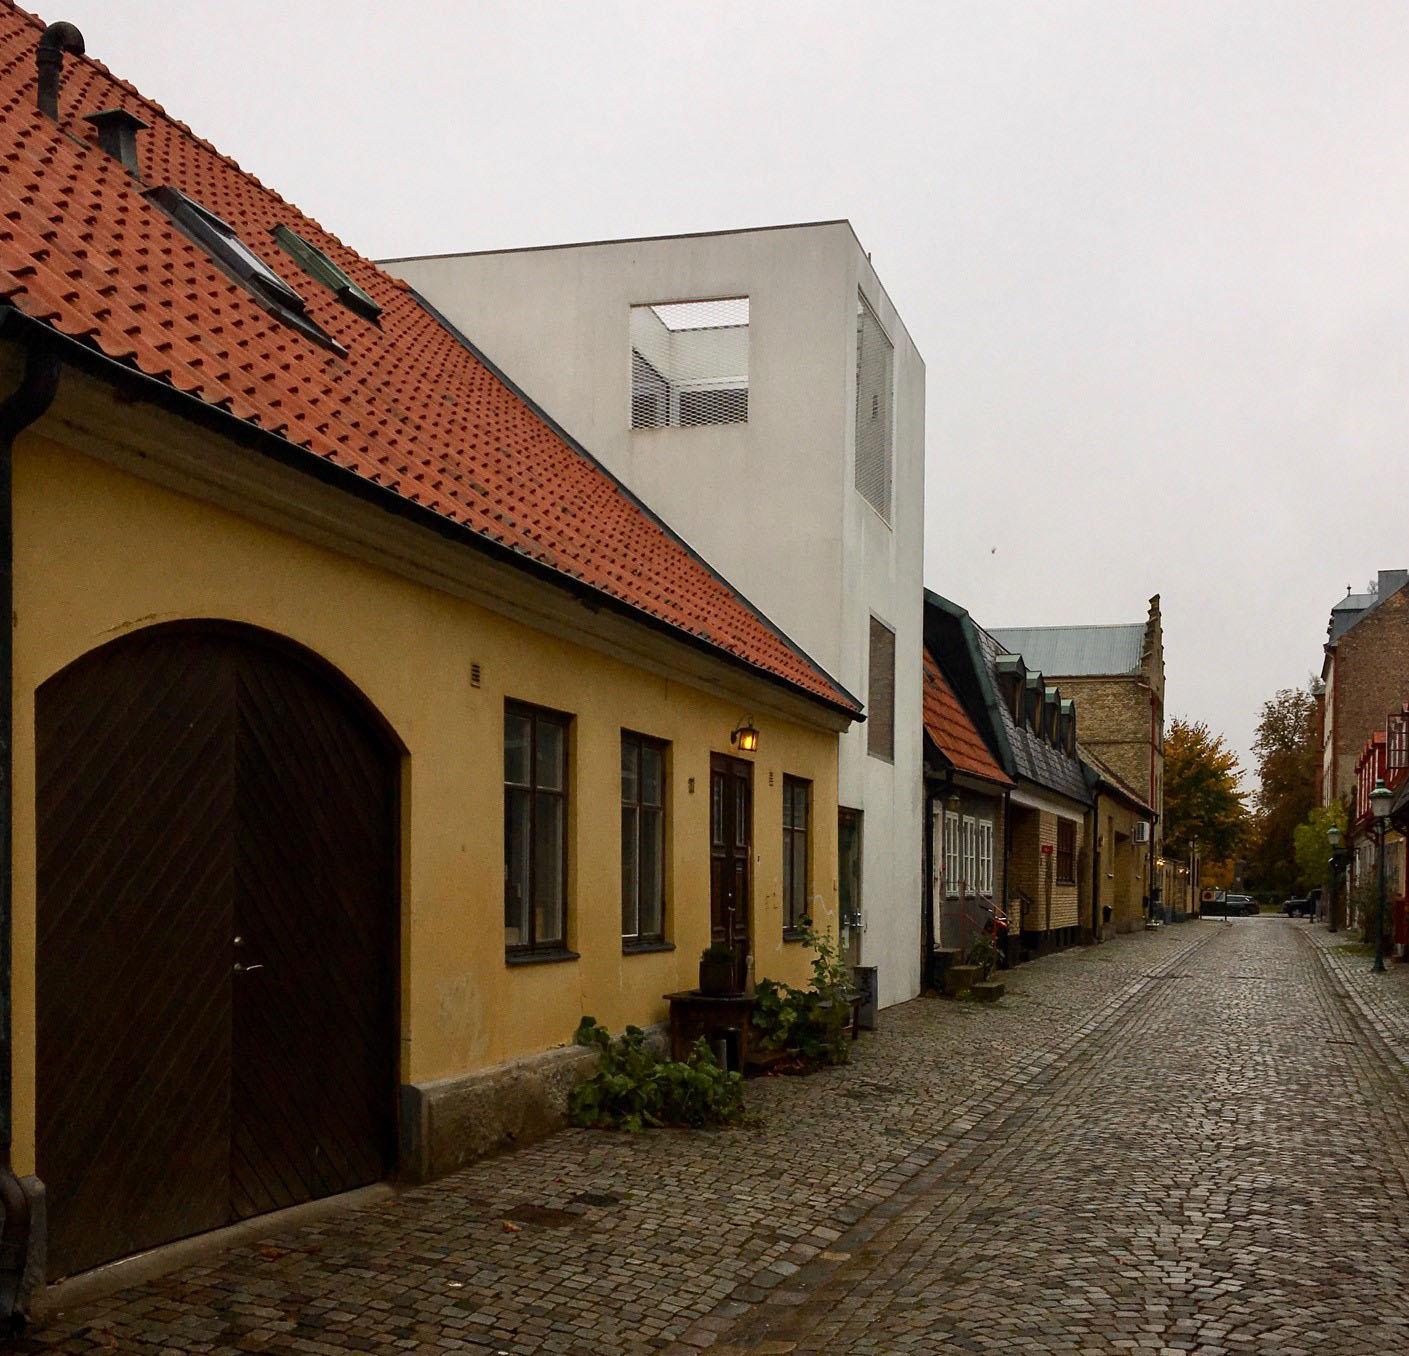 Townhouse i centrala Landskrona . Byggnadsår: 2009. Arkitekter: Jonas Elding och Johan Oscarsson. Foto: Emina Kovacic